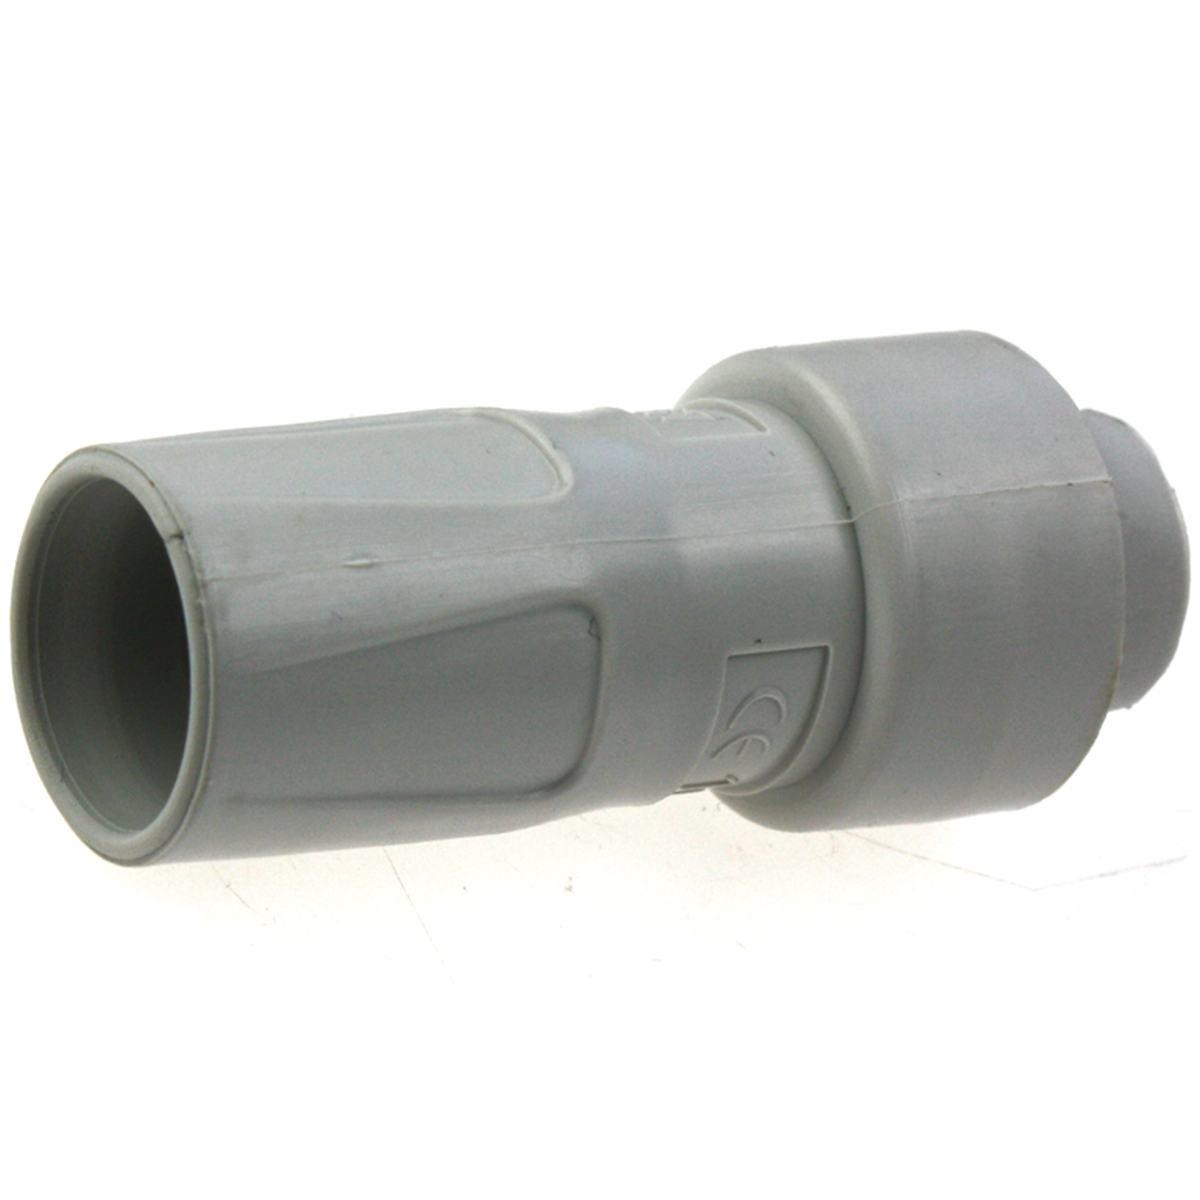 Samlestykke fra 16 mm drænslange til 16 mm drænrør